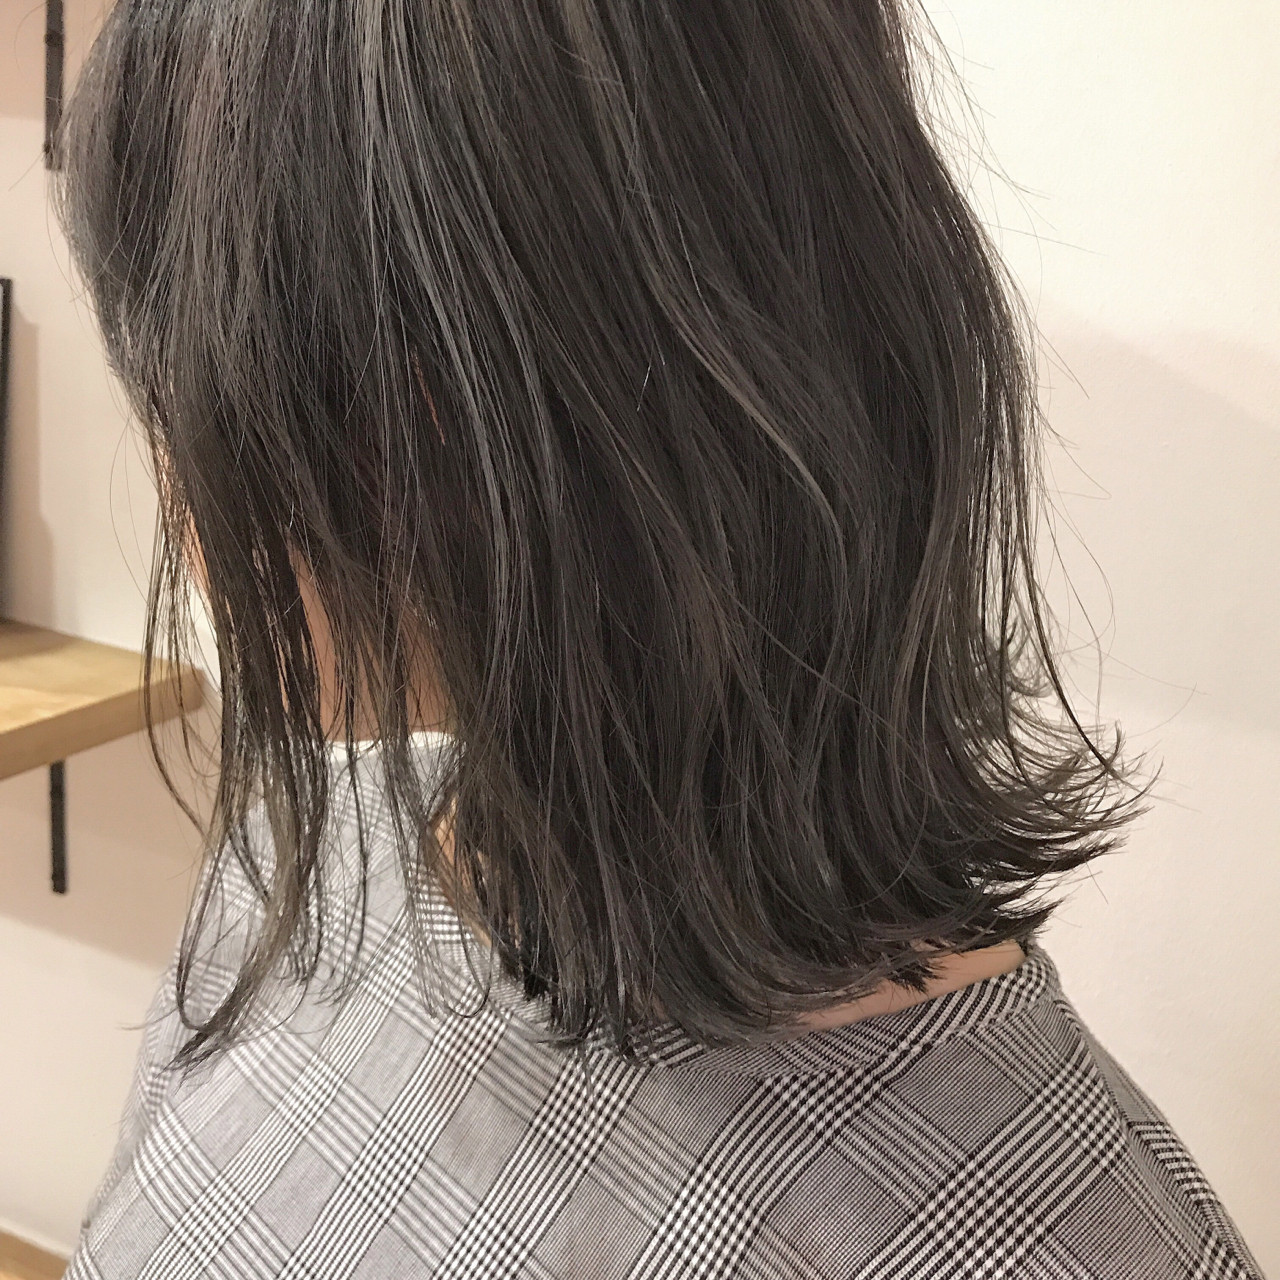 ロブ ナチュラル 秋 透明感 ヘアスタイルや髪型の写真・画像